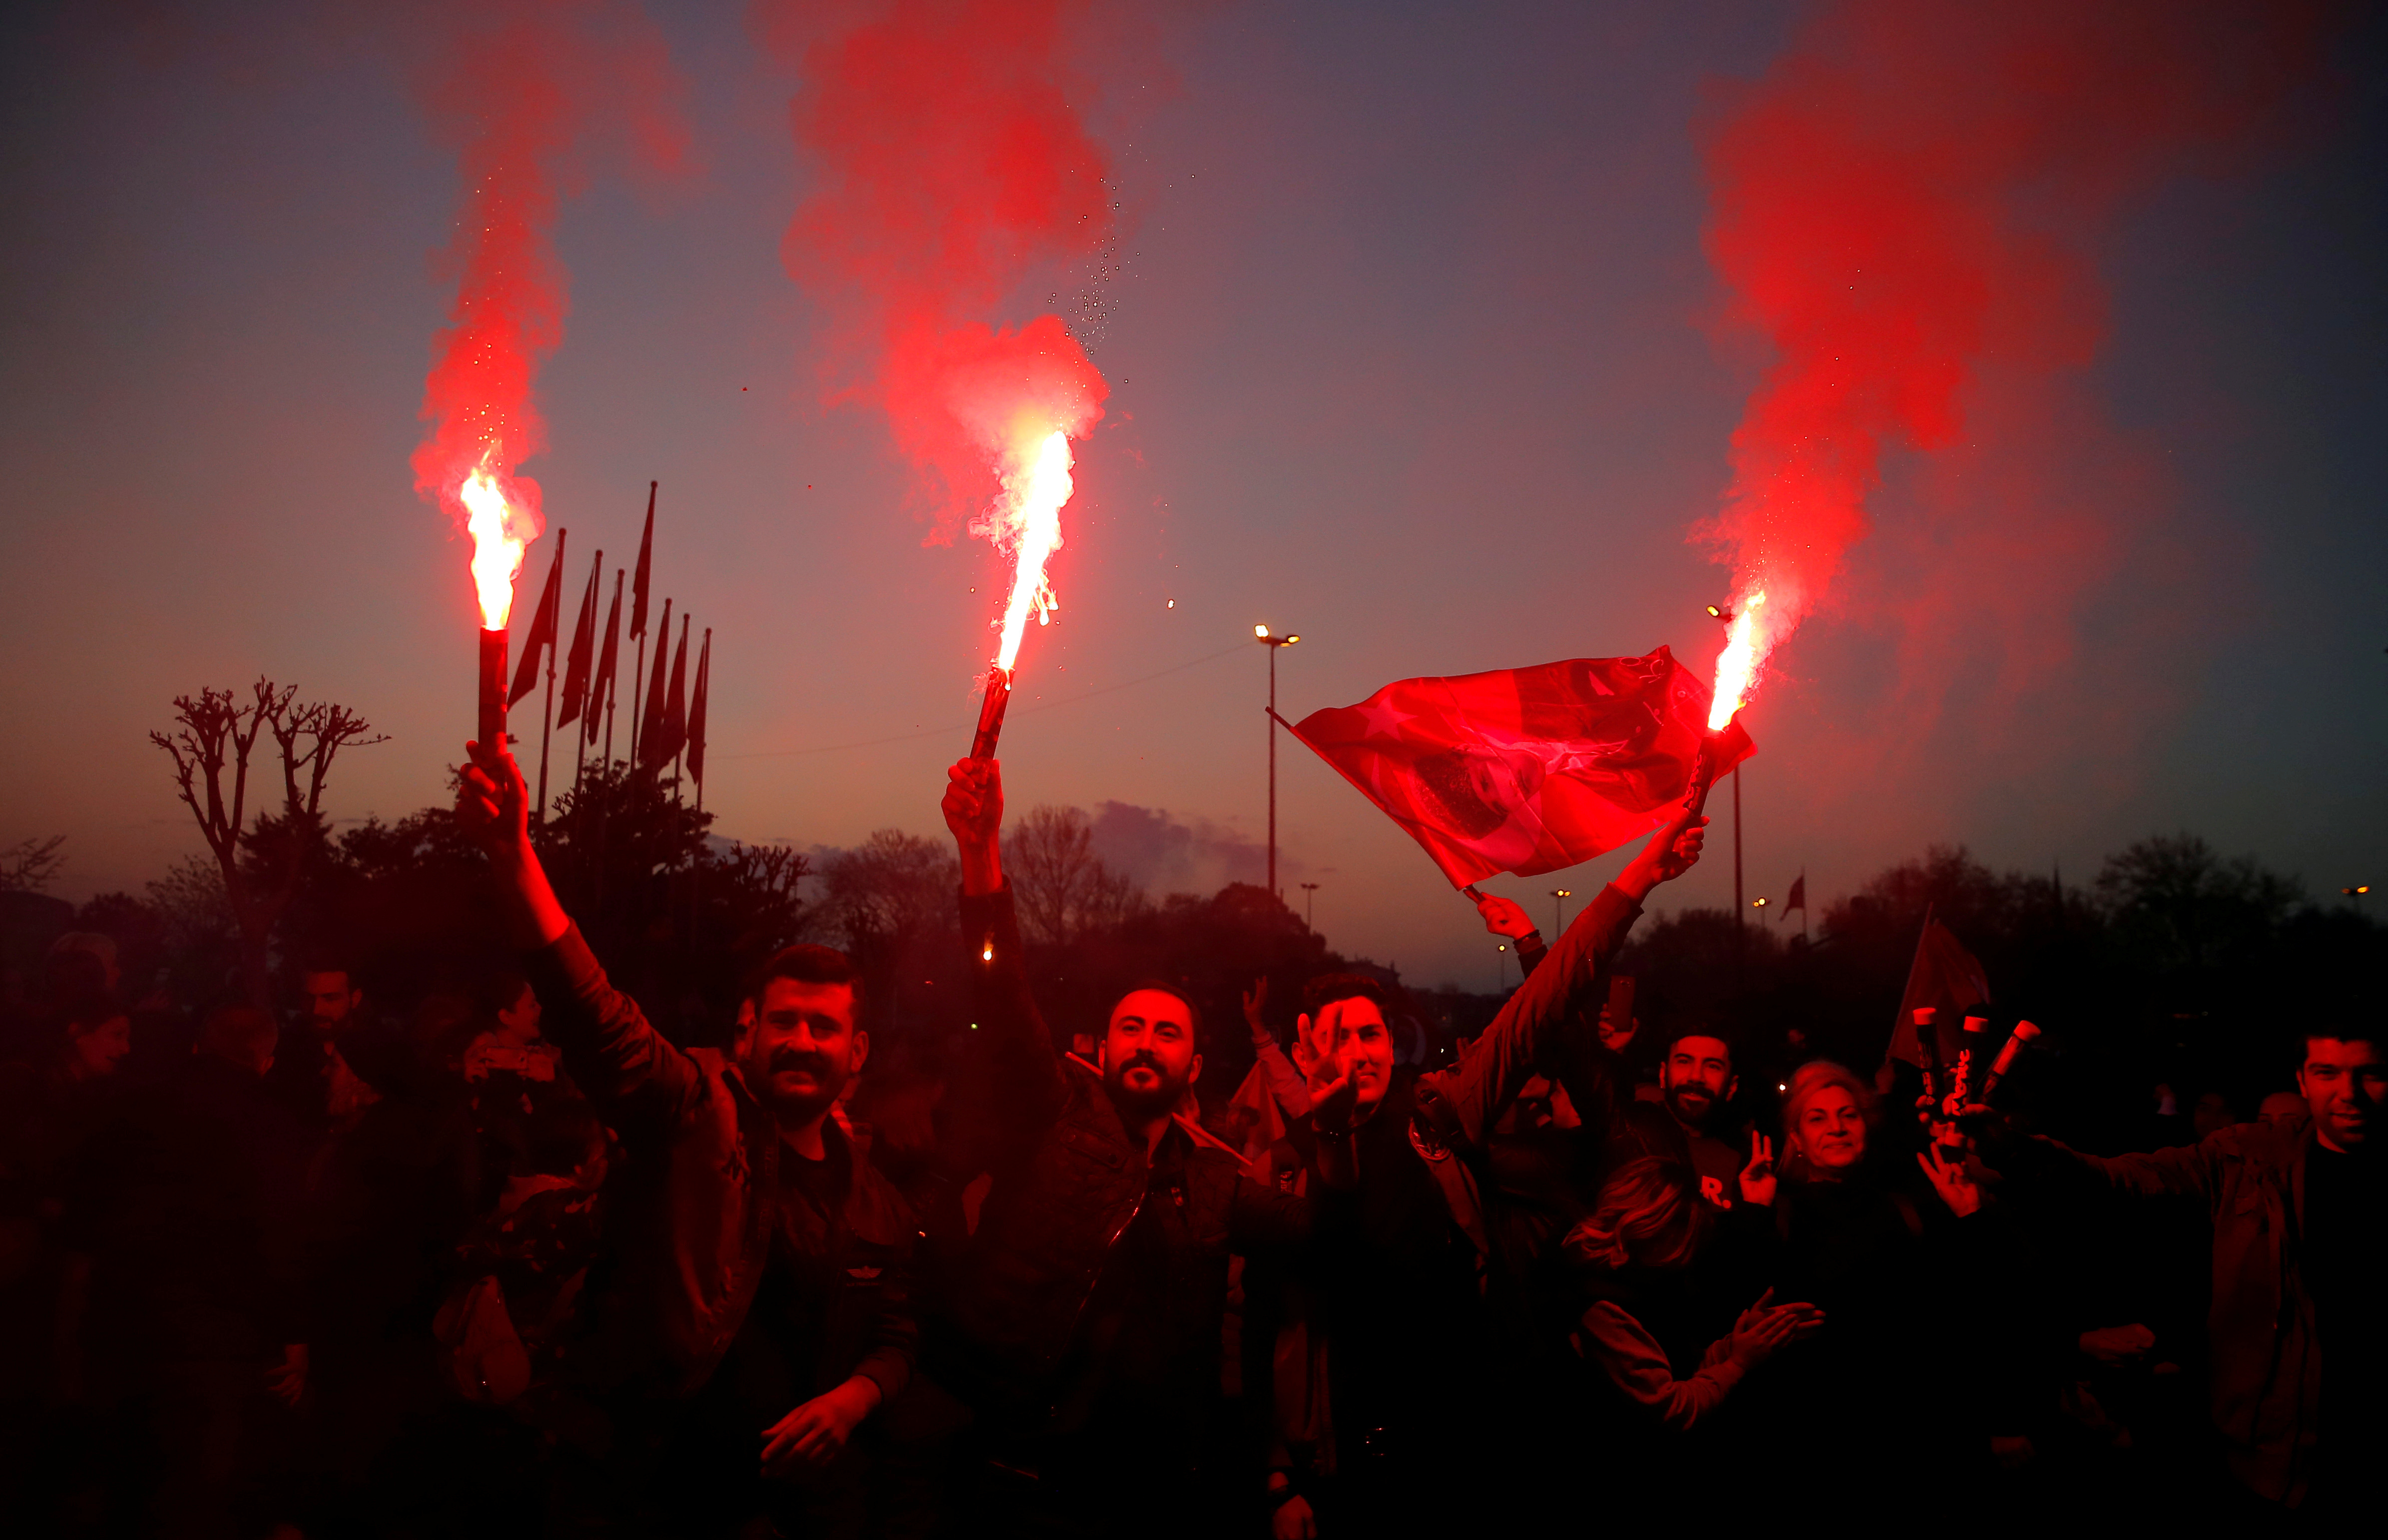 احتفالات اسطنبول بفوز مرشح المعارضة على حساب الحزب الحاكم (19)